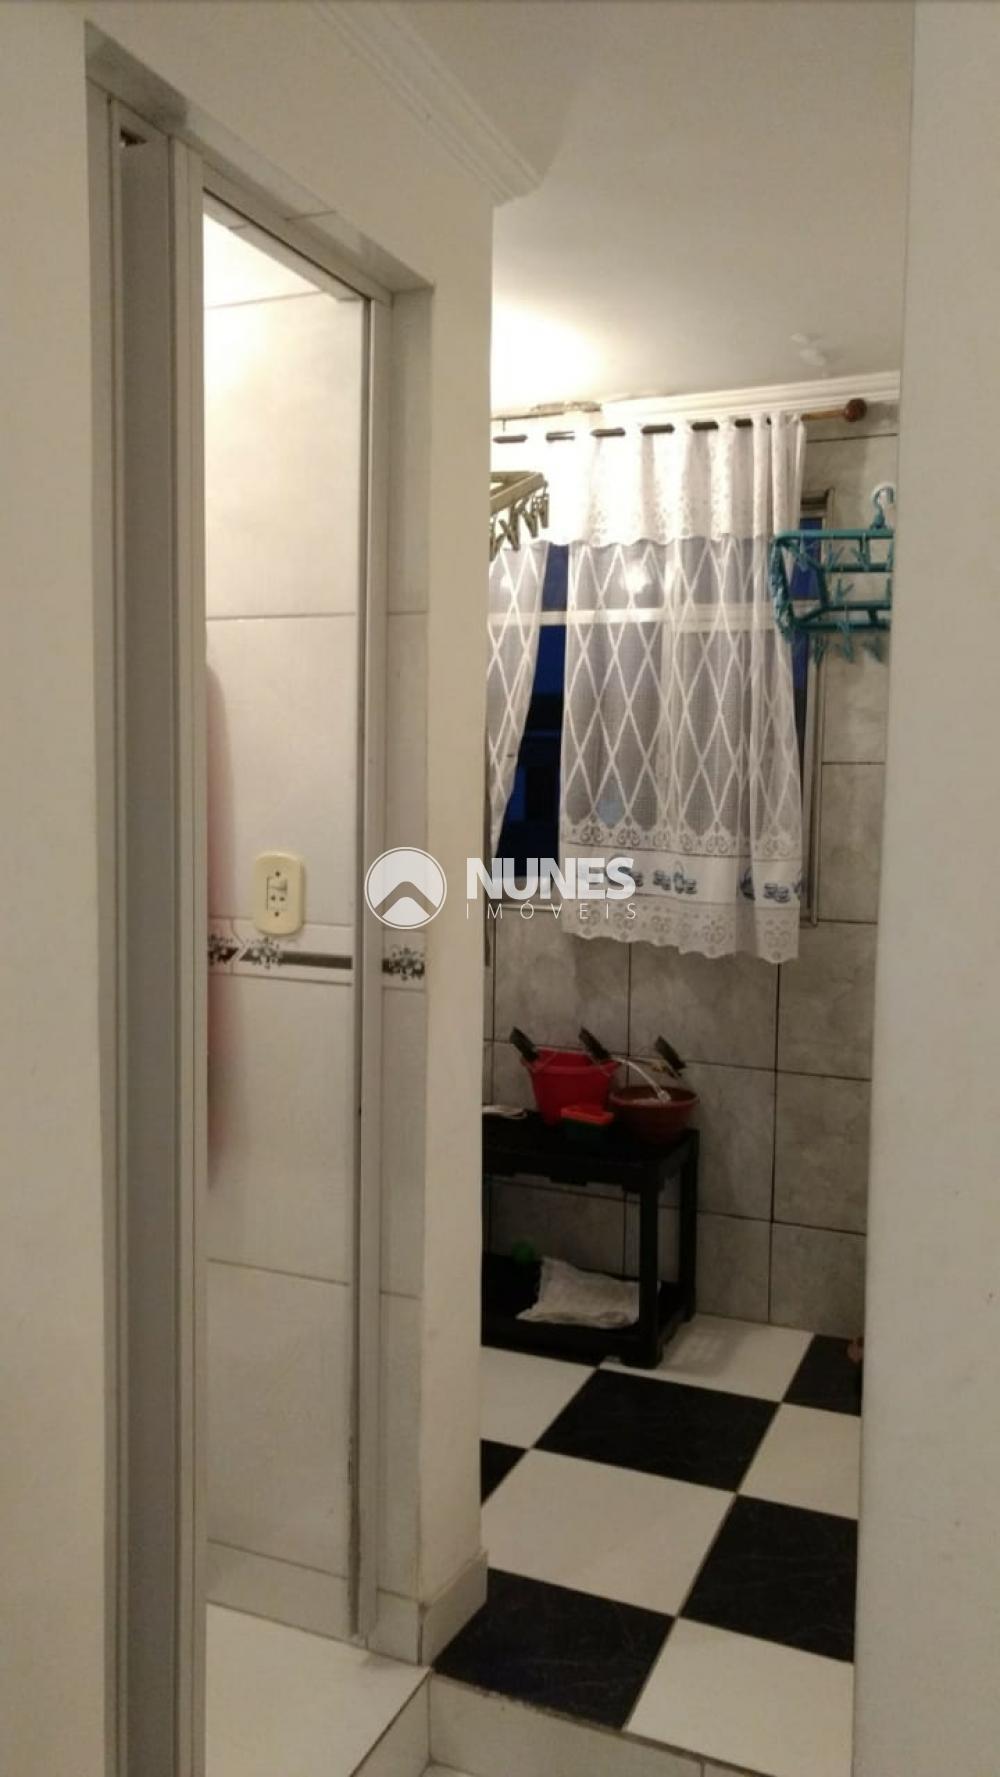 Comprar Apartamento / Padrão em Carapicuíba R$ 160.000,00 - Foto 7